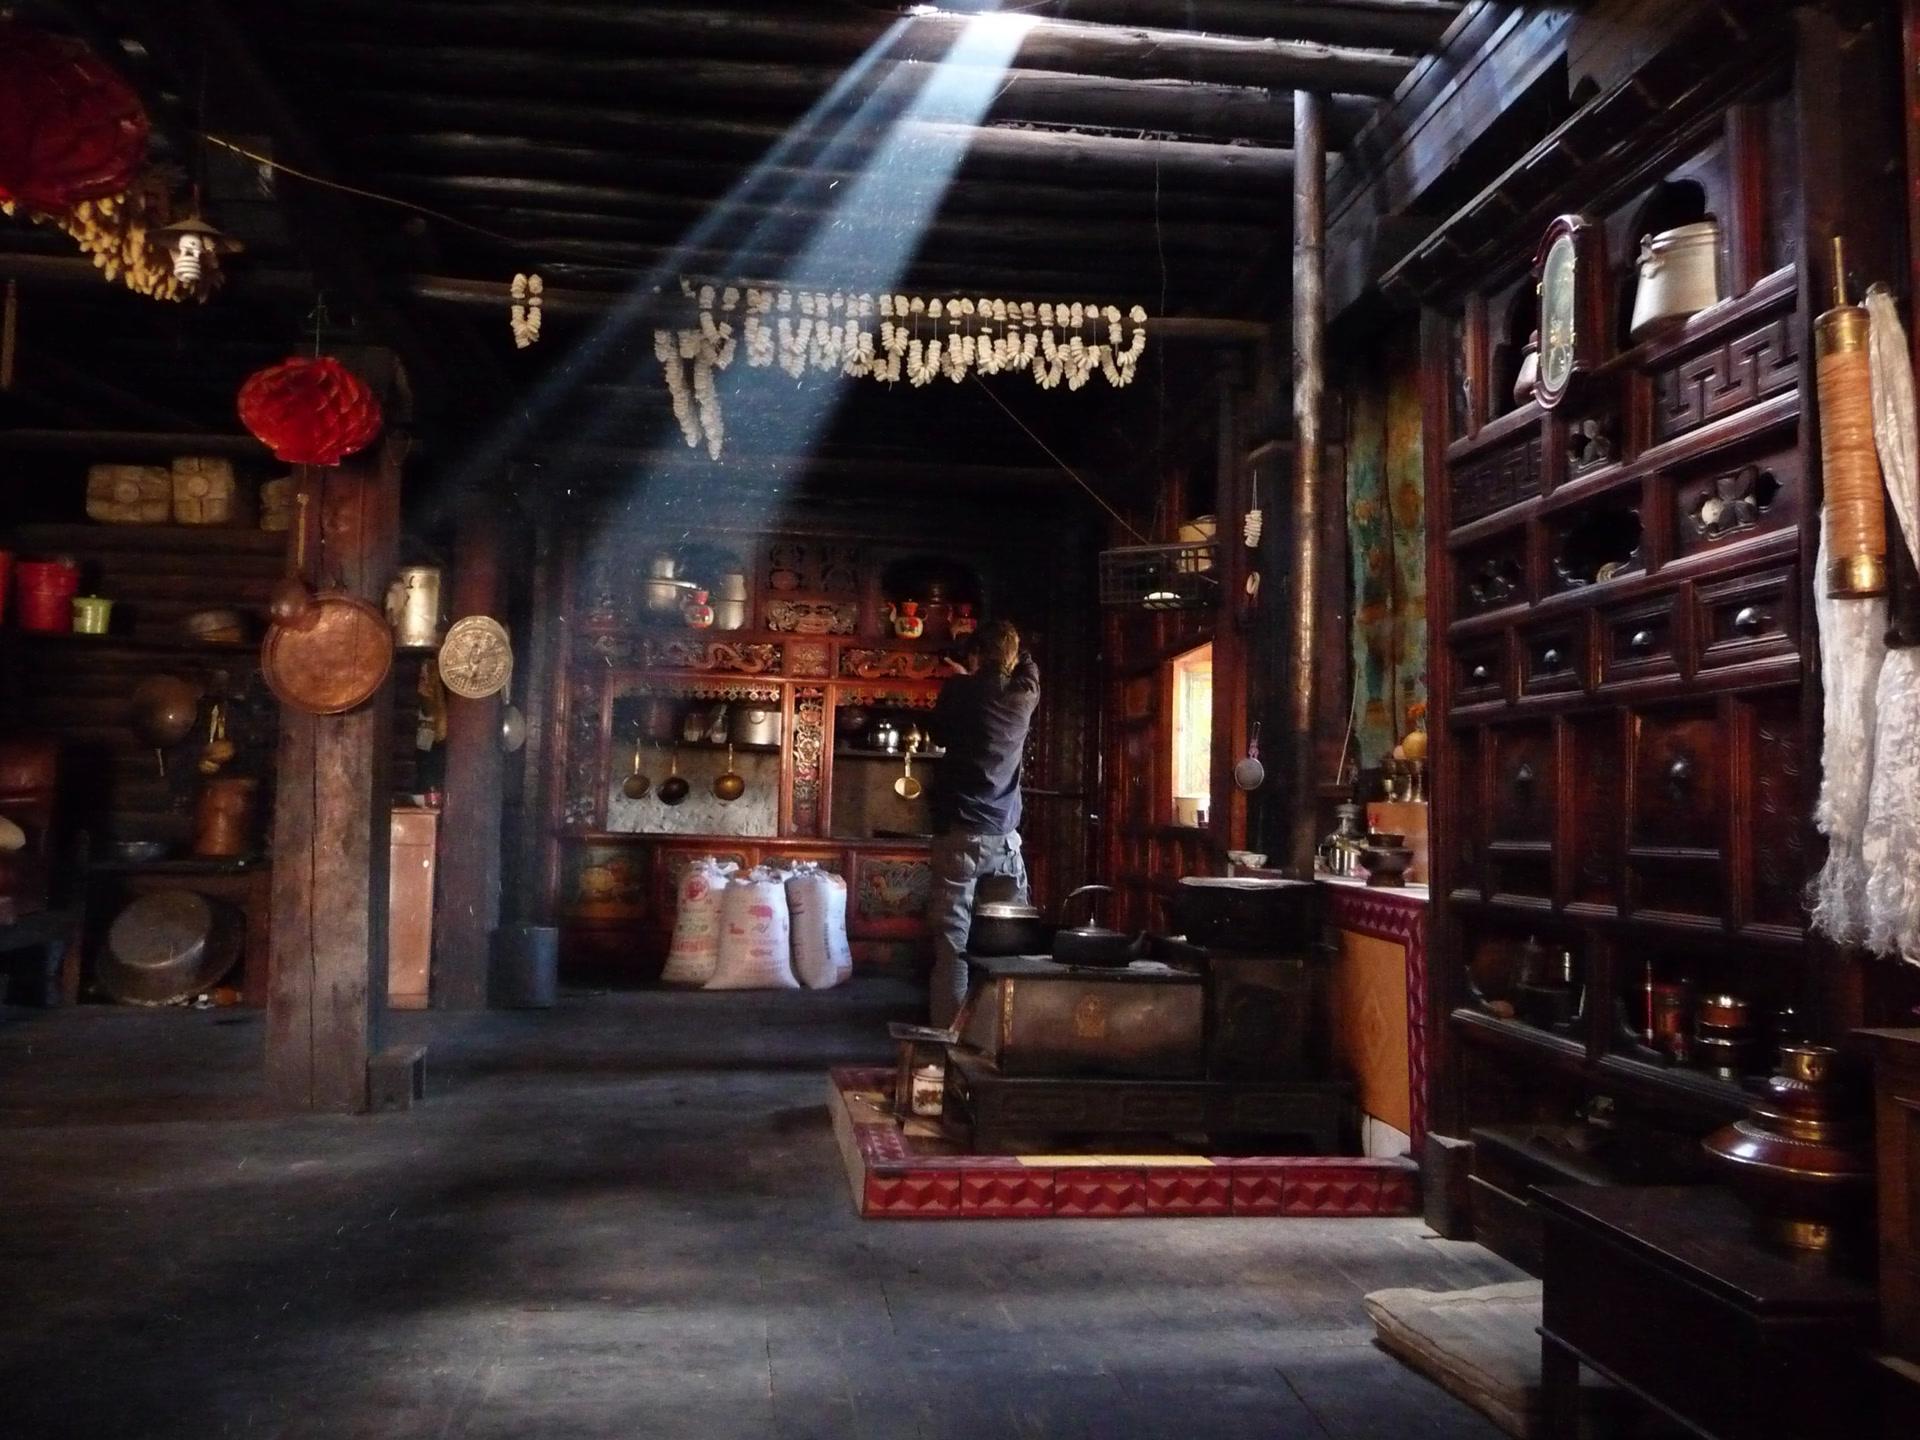 Maison traditionnelle shuhi dans le village de Xiwa (西瓦), canton de Shuiluo (水洛乡), comté autonome de Muli Tibet (木里藏族自治县), province du Sichuan, Chine, octobre 2011. Photo Katia Chirkova